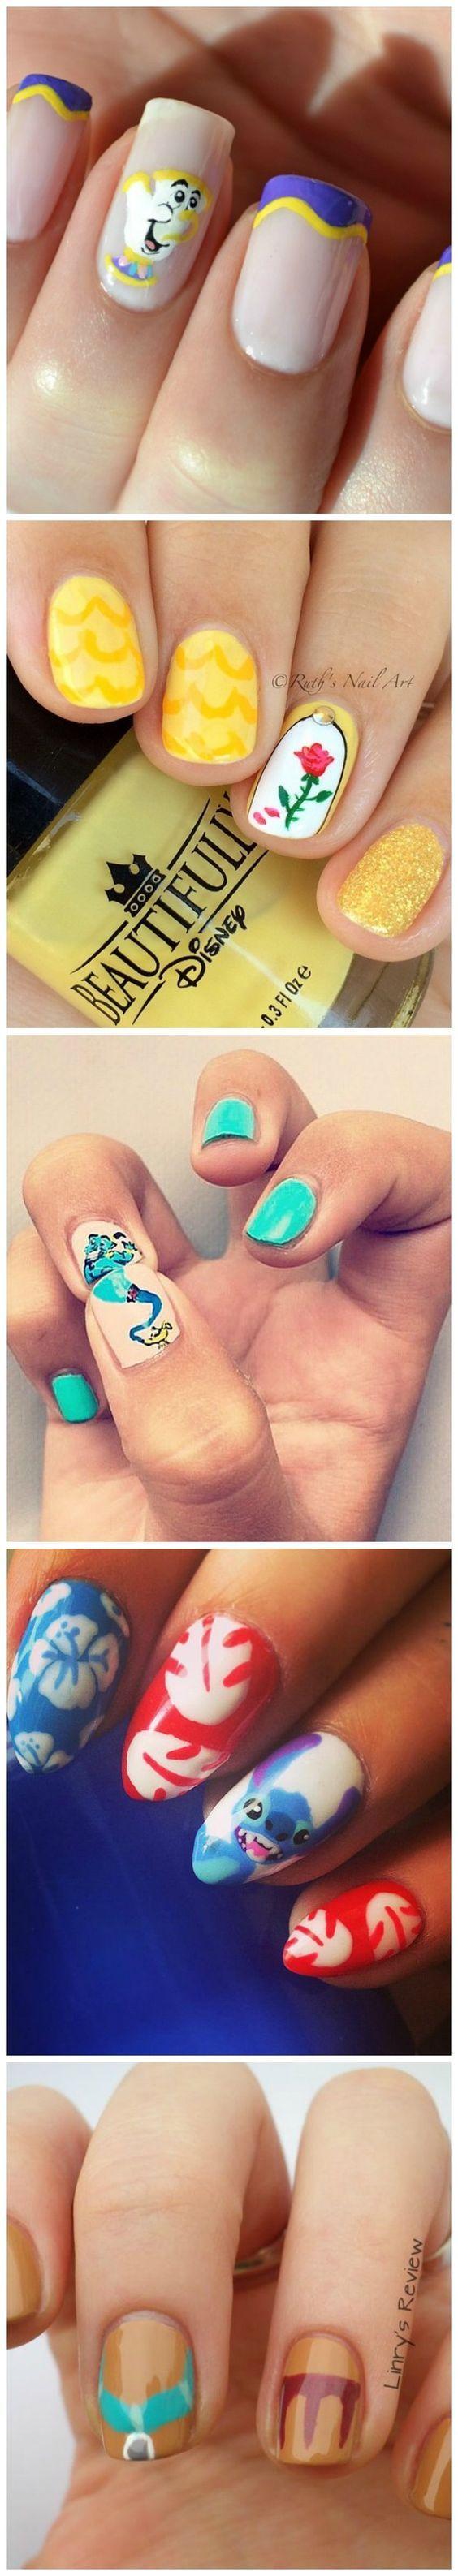 210 besten Nails Bilder auf Pinterest | Nagelkunst, Nageldesign und ...